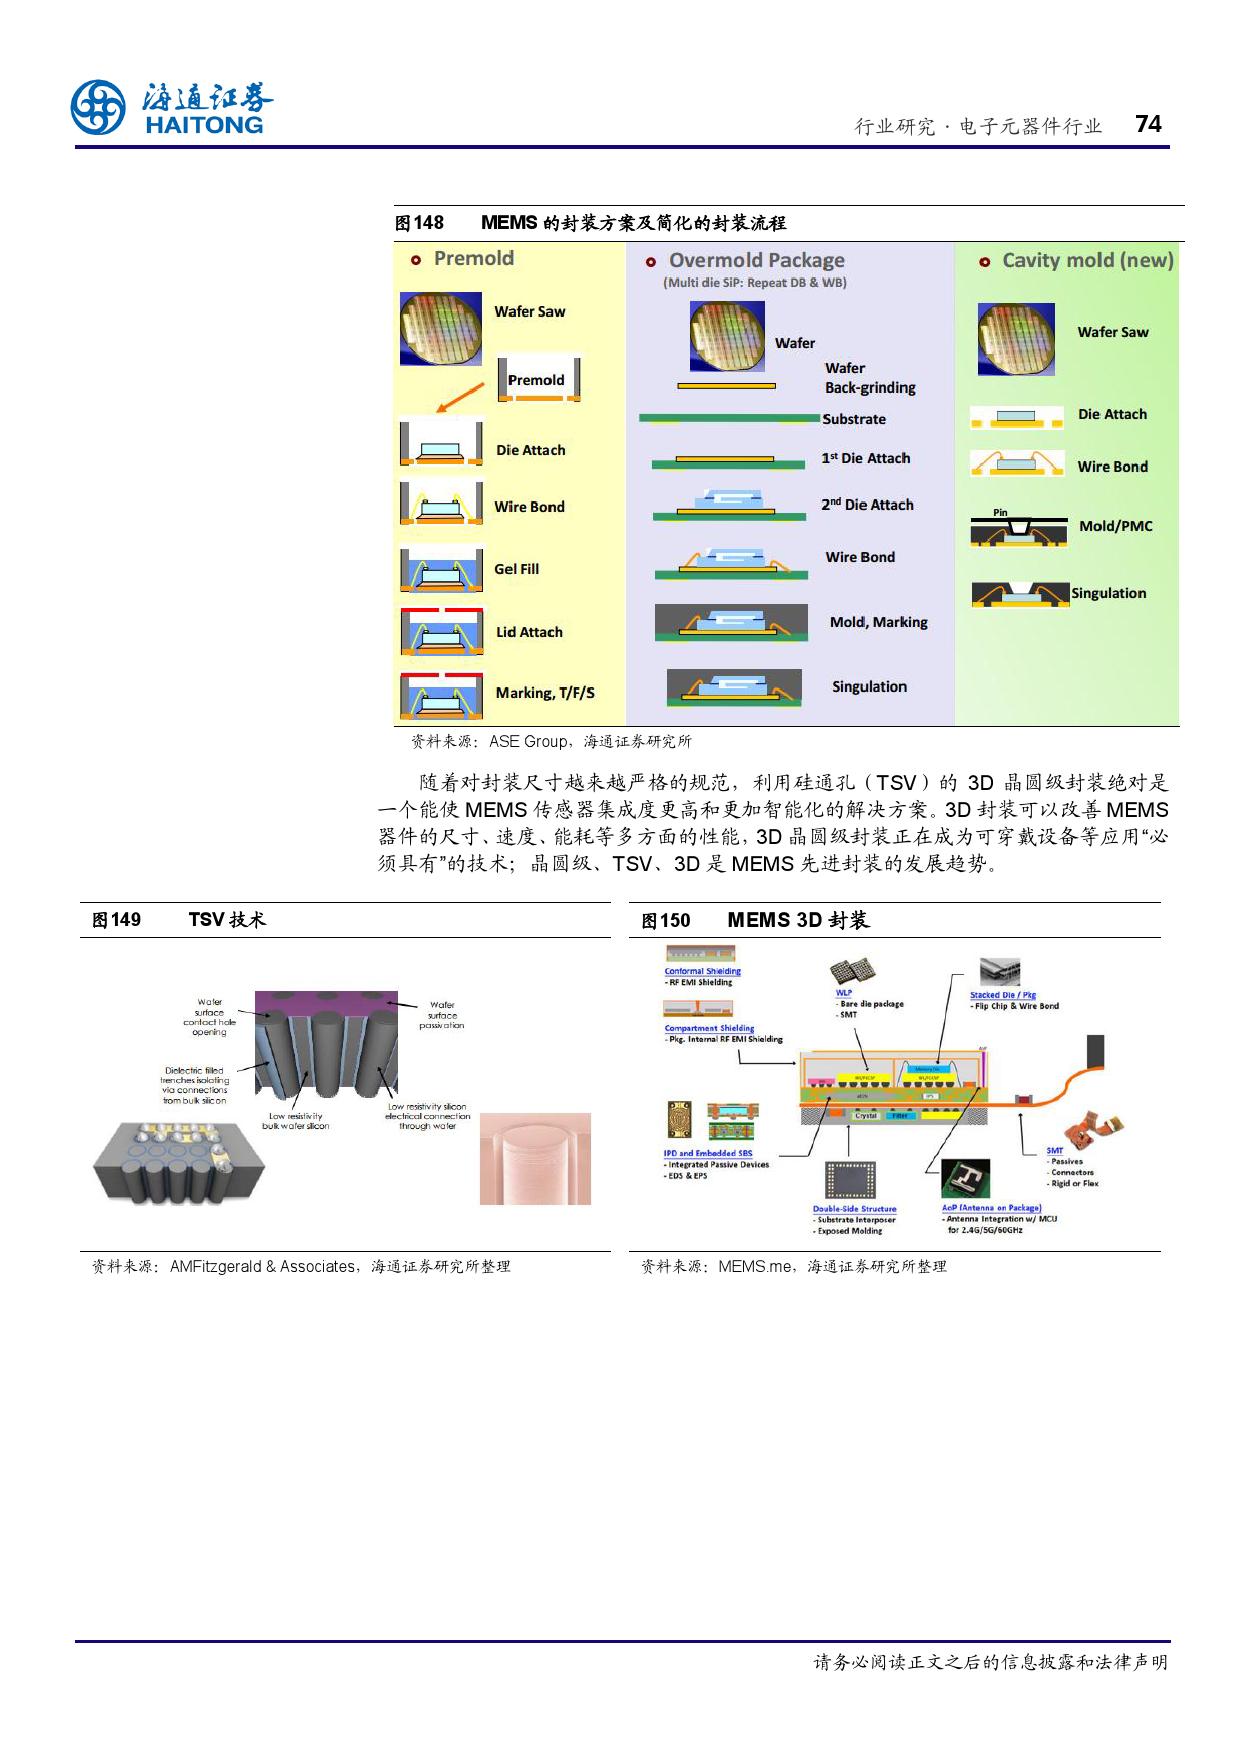 报告全解传感器全球产业链_000074